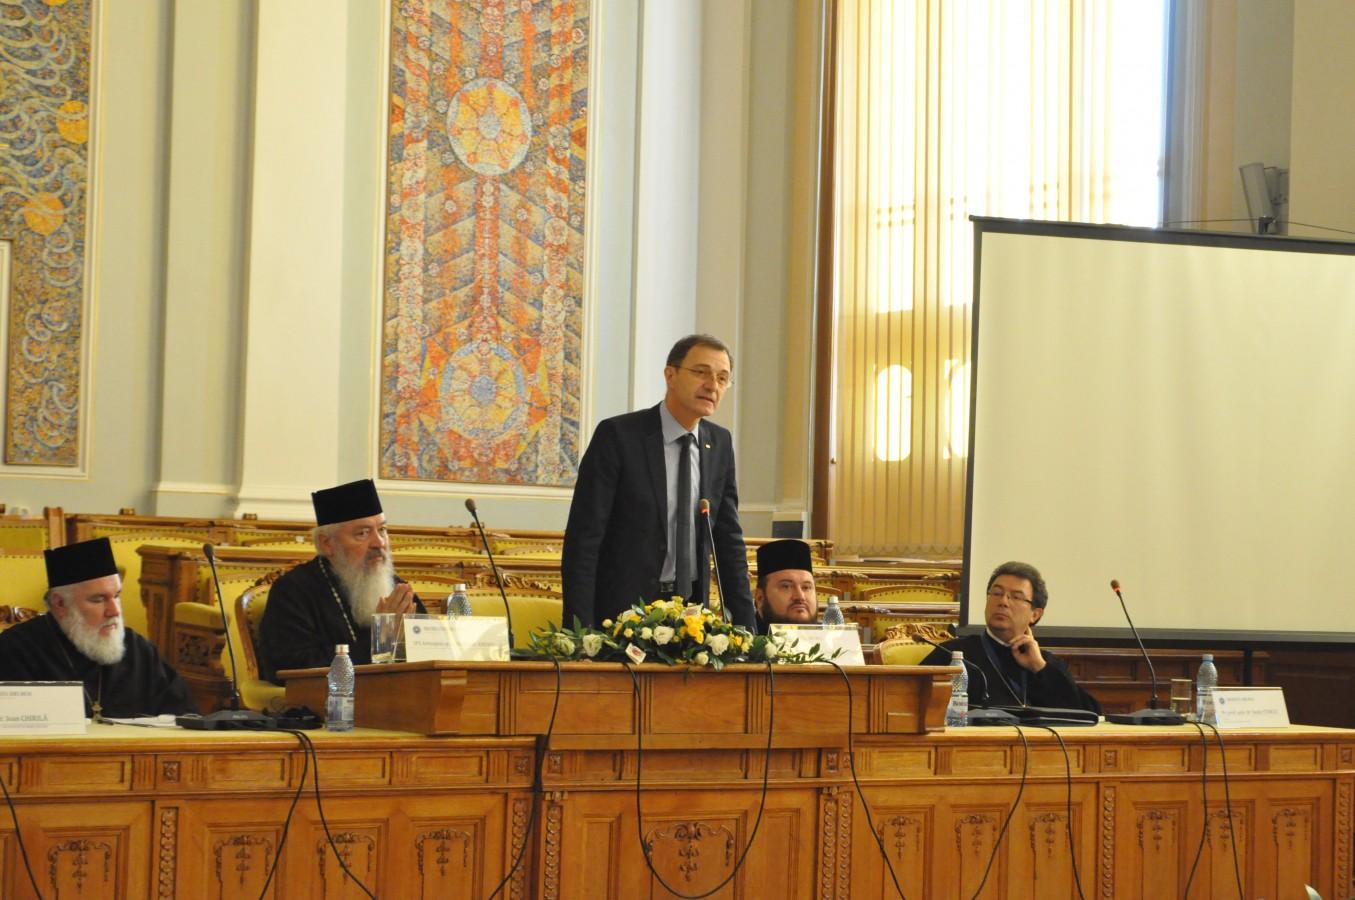 """Simpozionul internațional """"Icoană, mărturie creștină, totalitarism"""", la Facultatea de Teologie Ortodoxă din Cluj"""